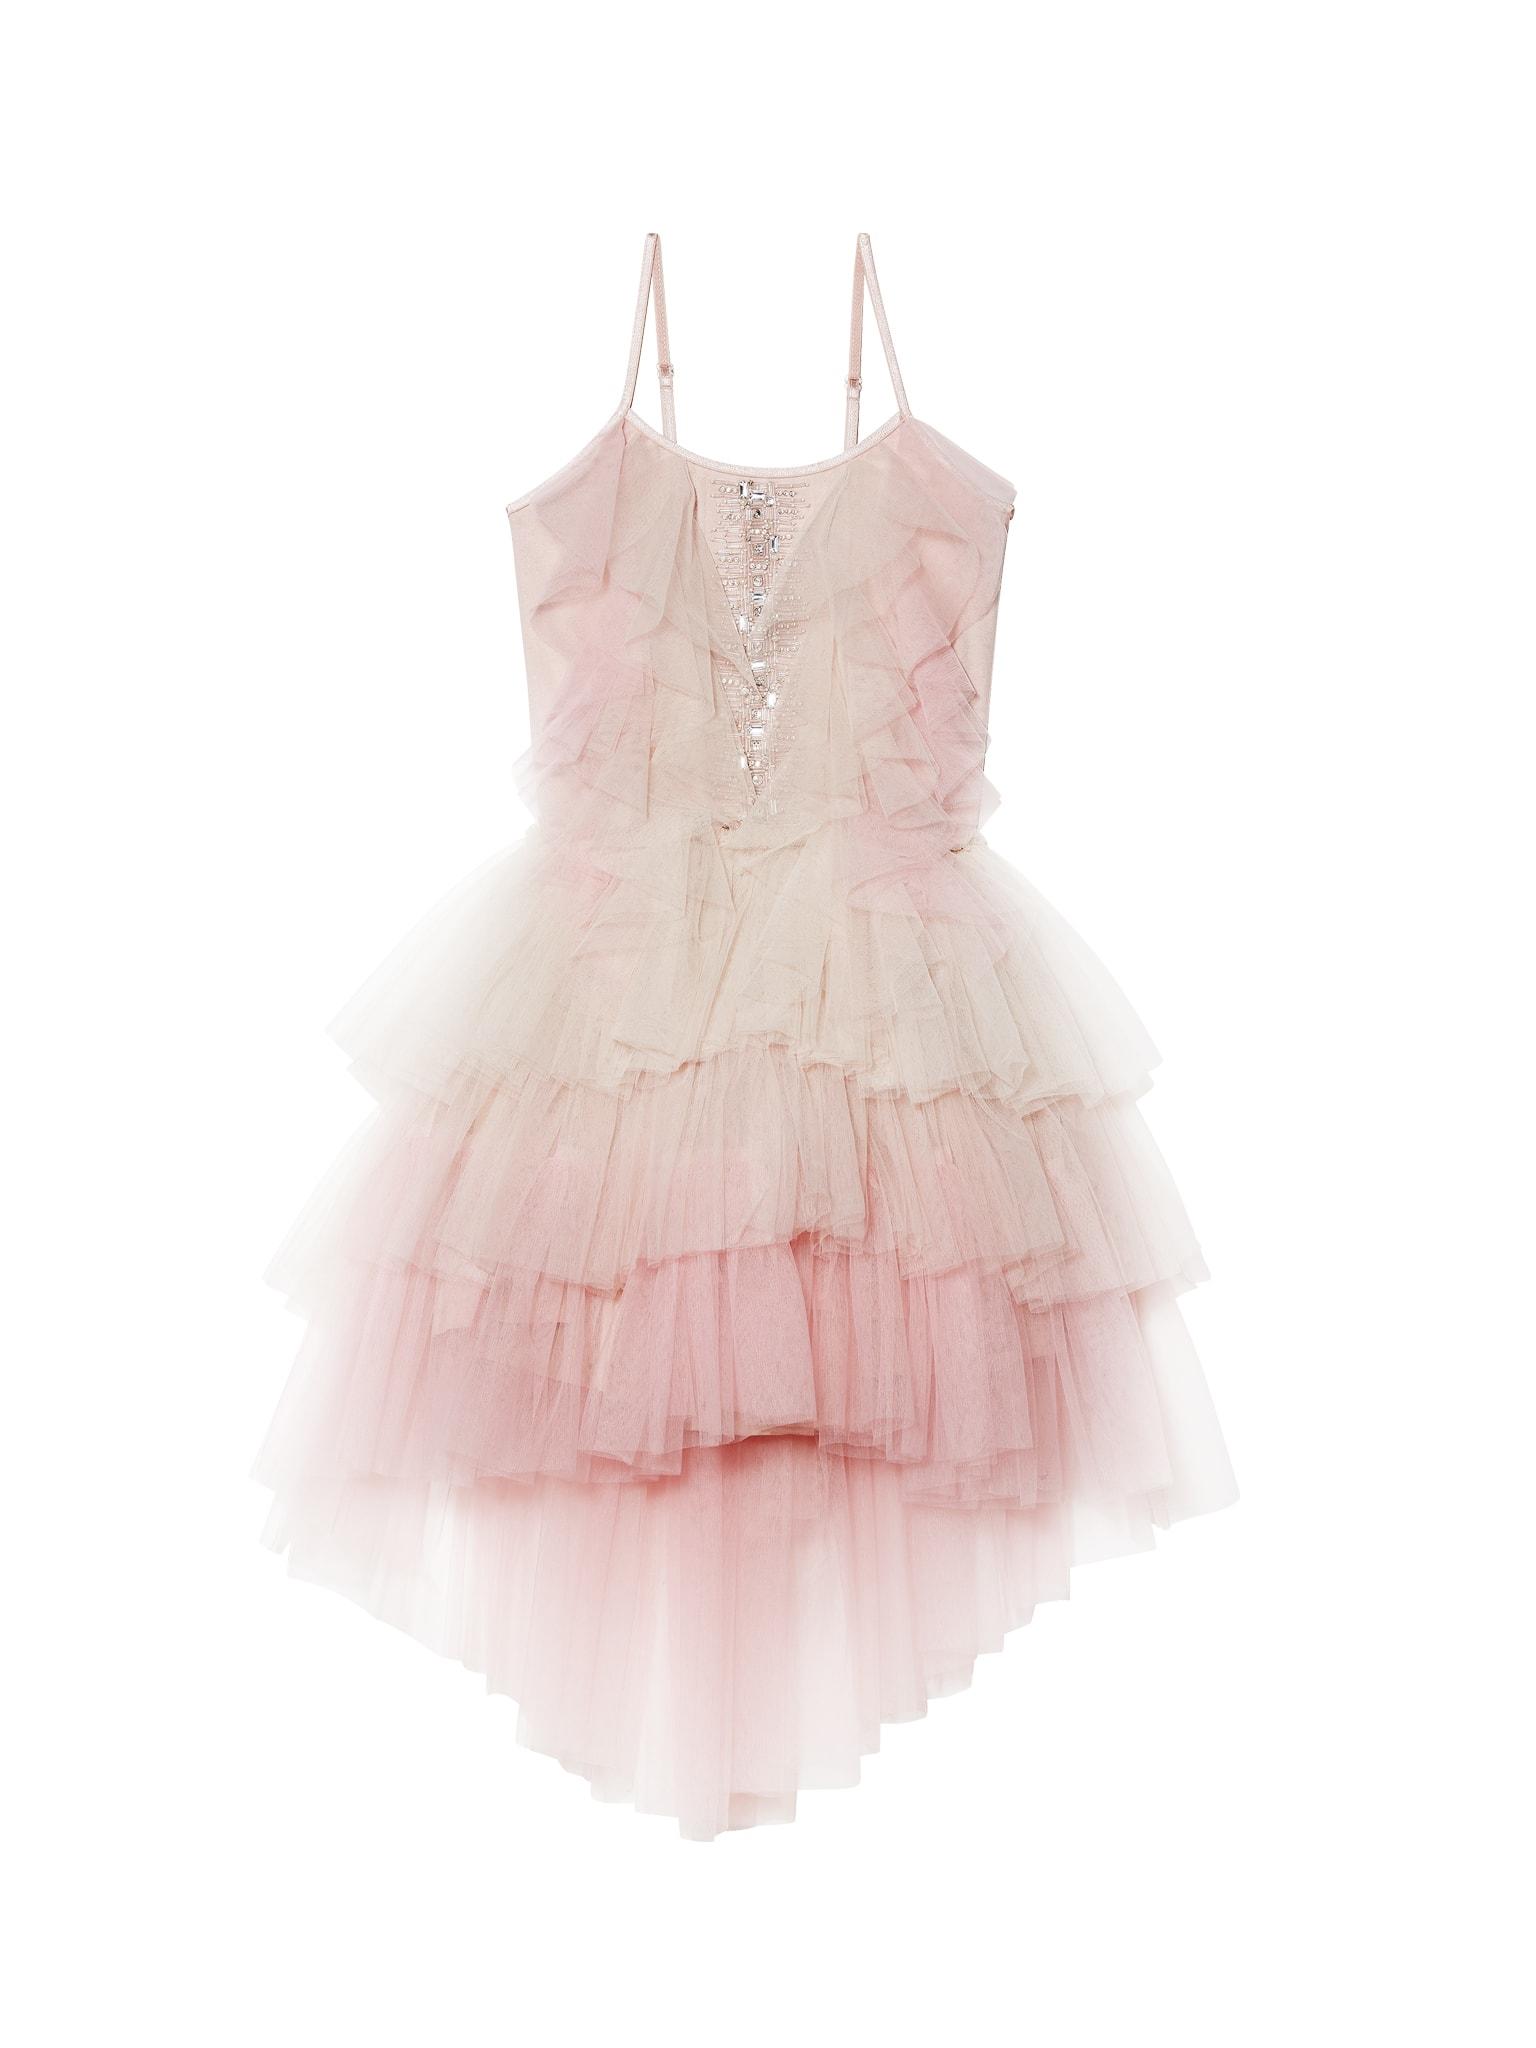 Tdm4122 all i want tutu dress 01 min